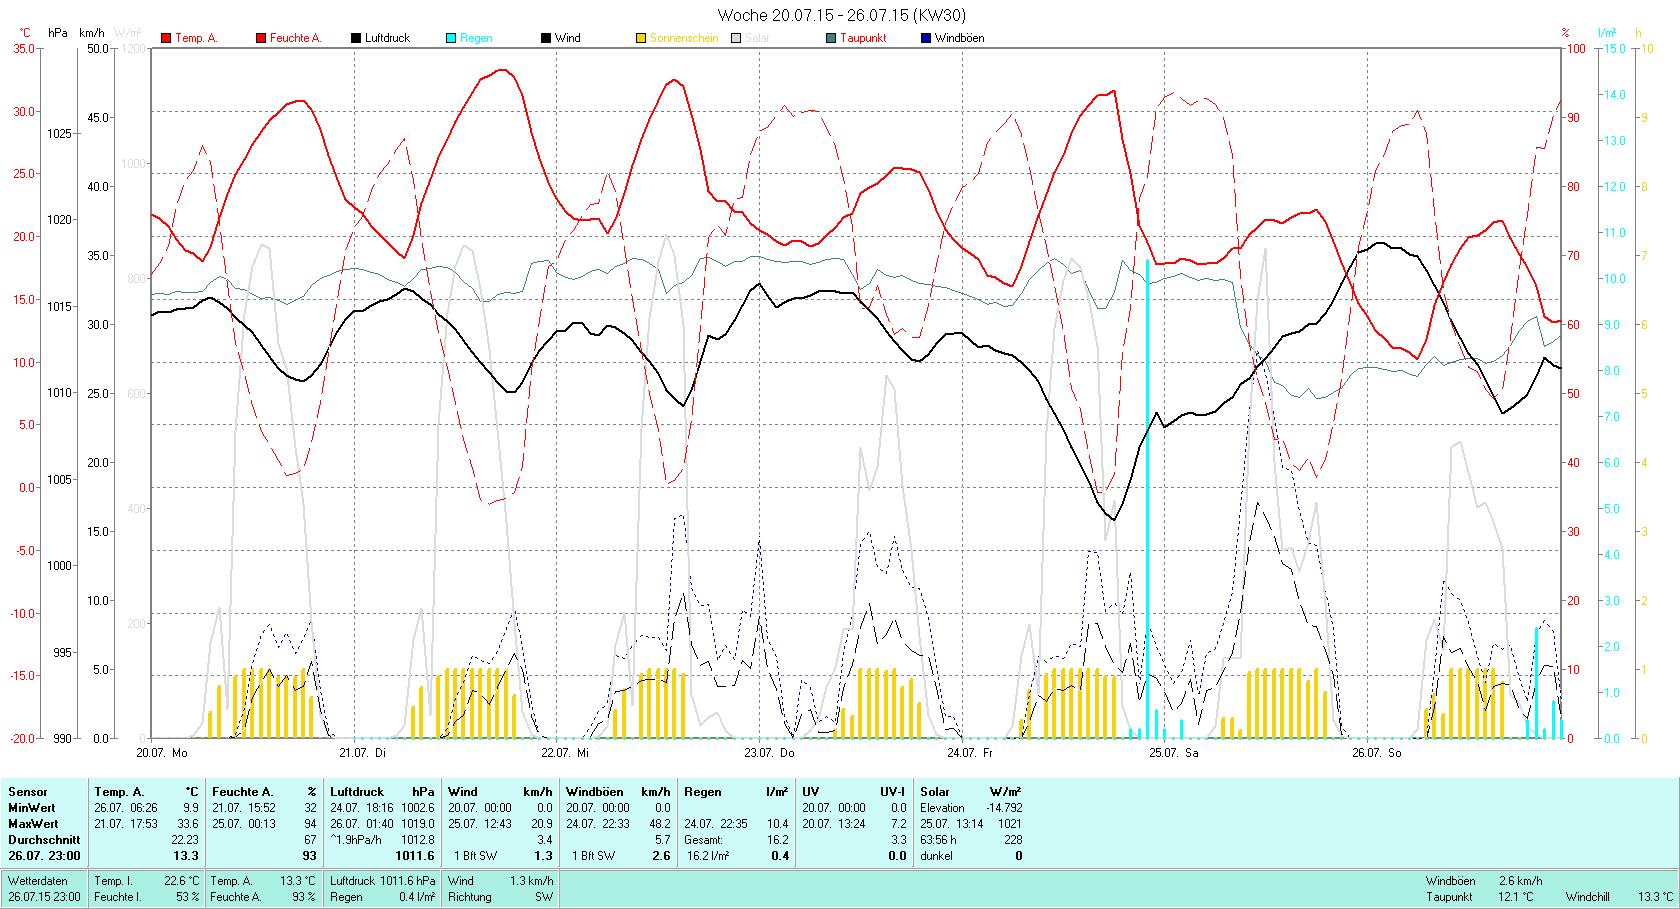 KW 30 Tmin 9.9°C, Tmax 33.6°C, Sonne 63.56h, Niederschlag 16.2mm/2